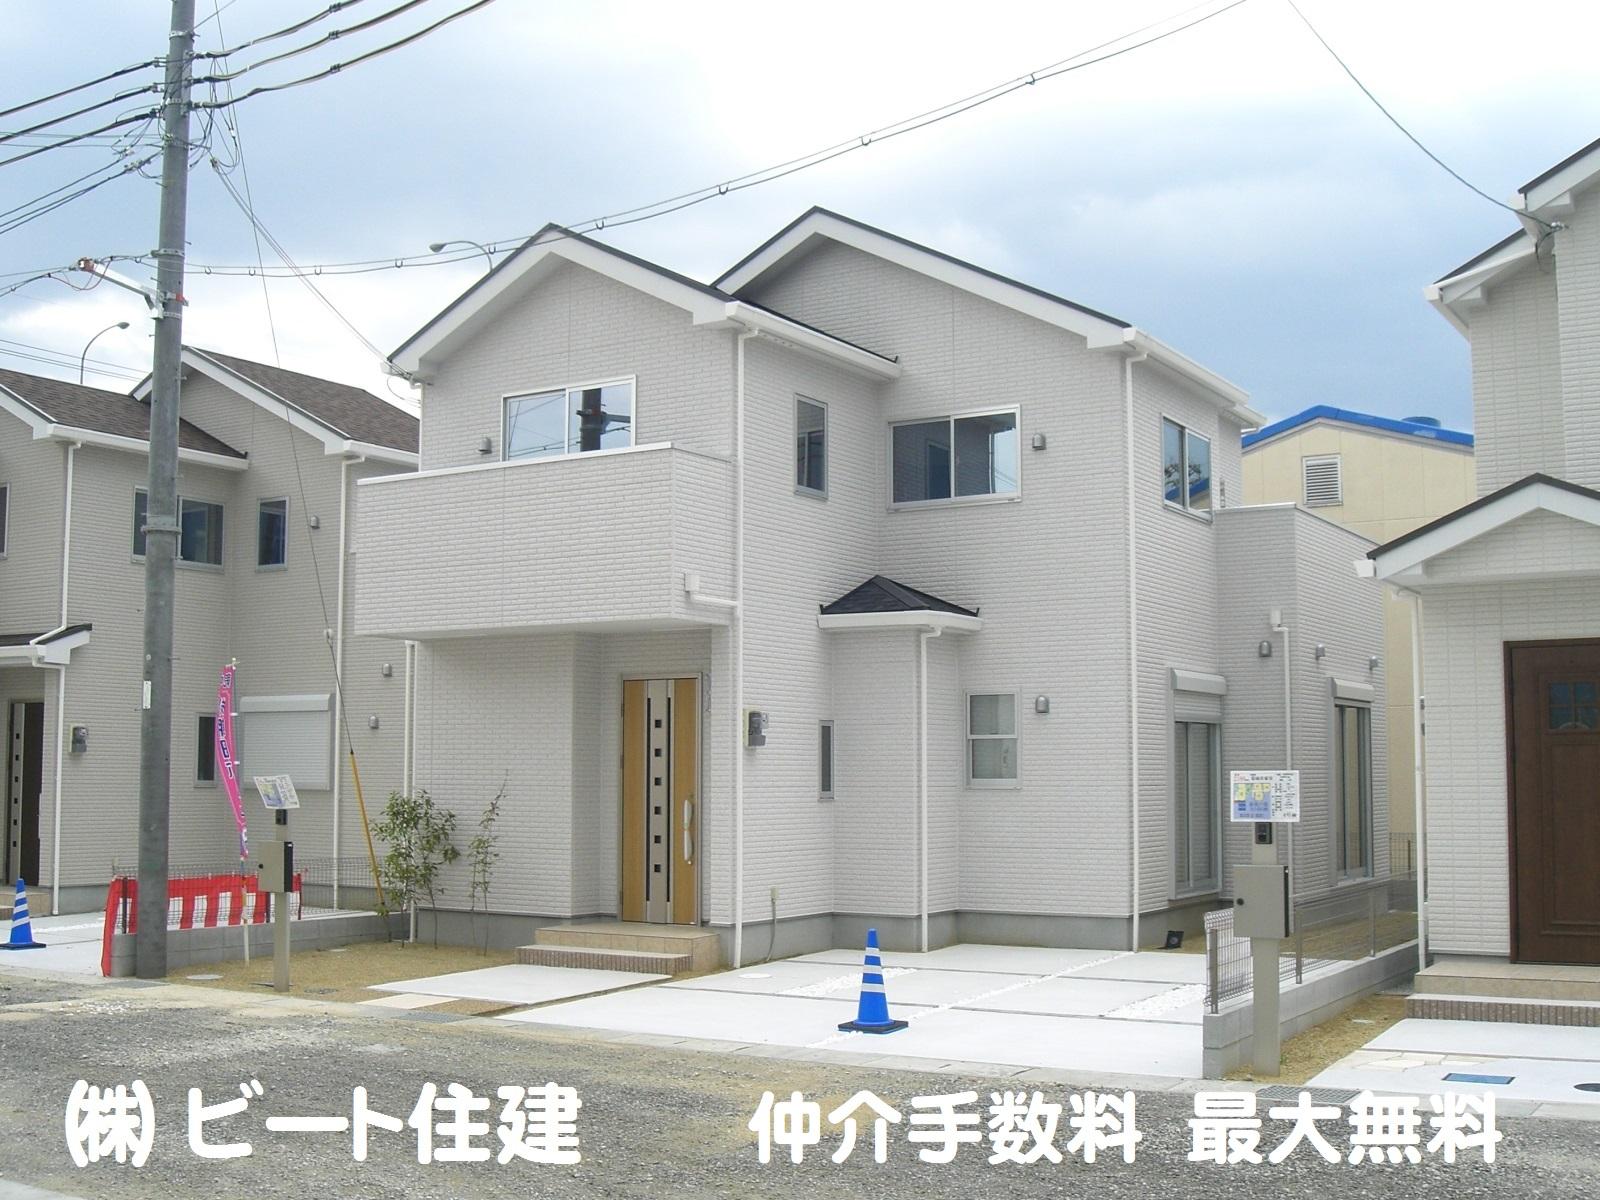 奈良県 新築 葛城市 新築 お買い得 仲介手数料 最大無料